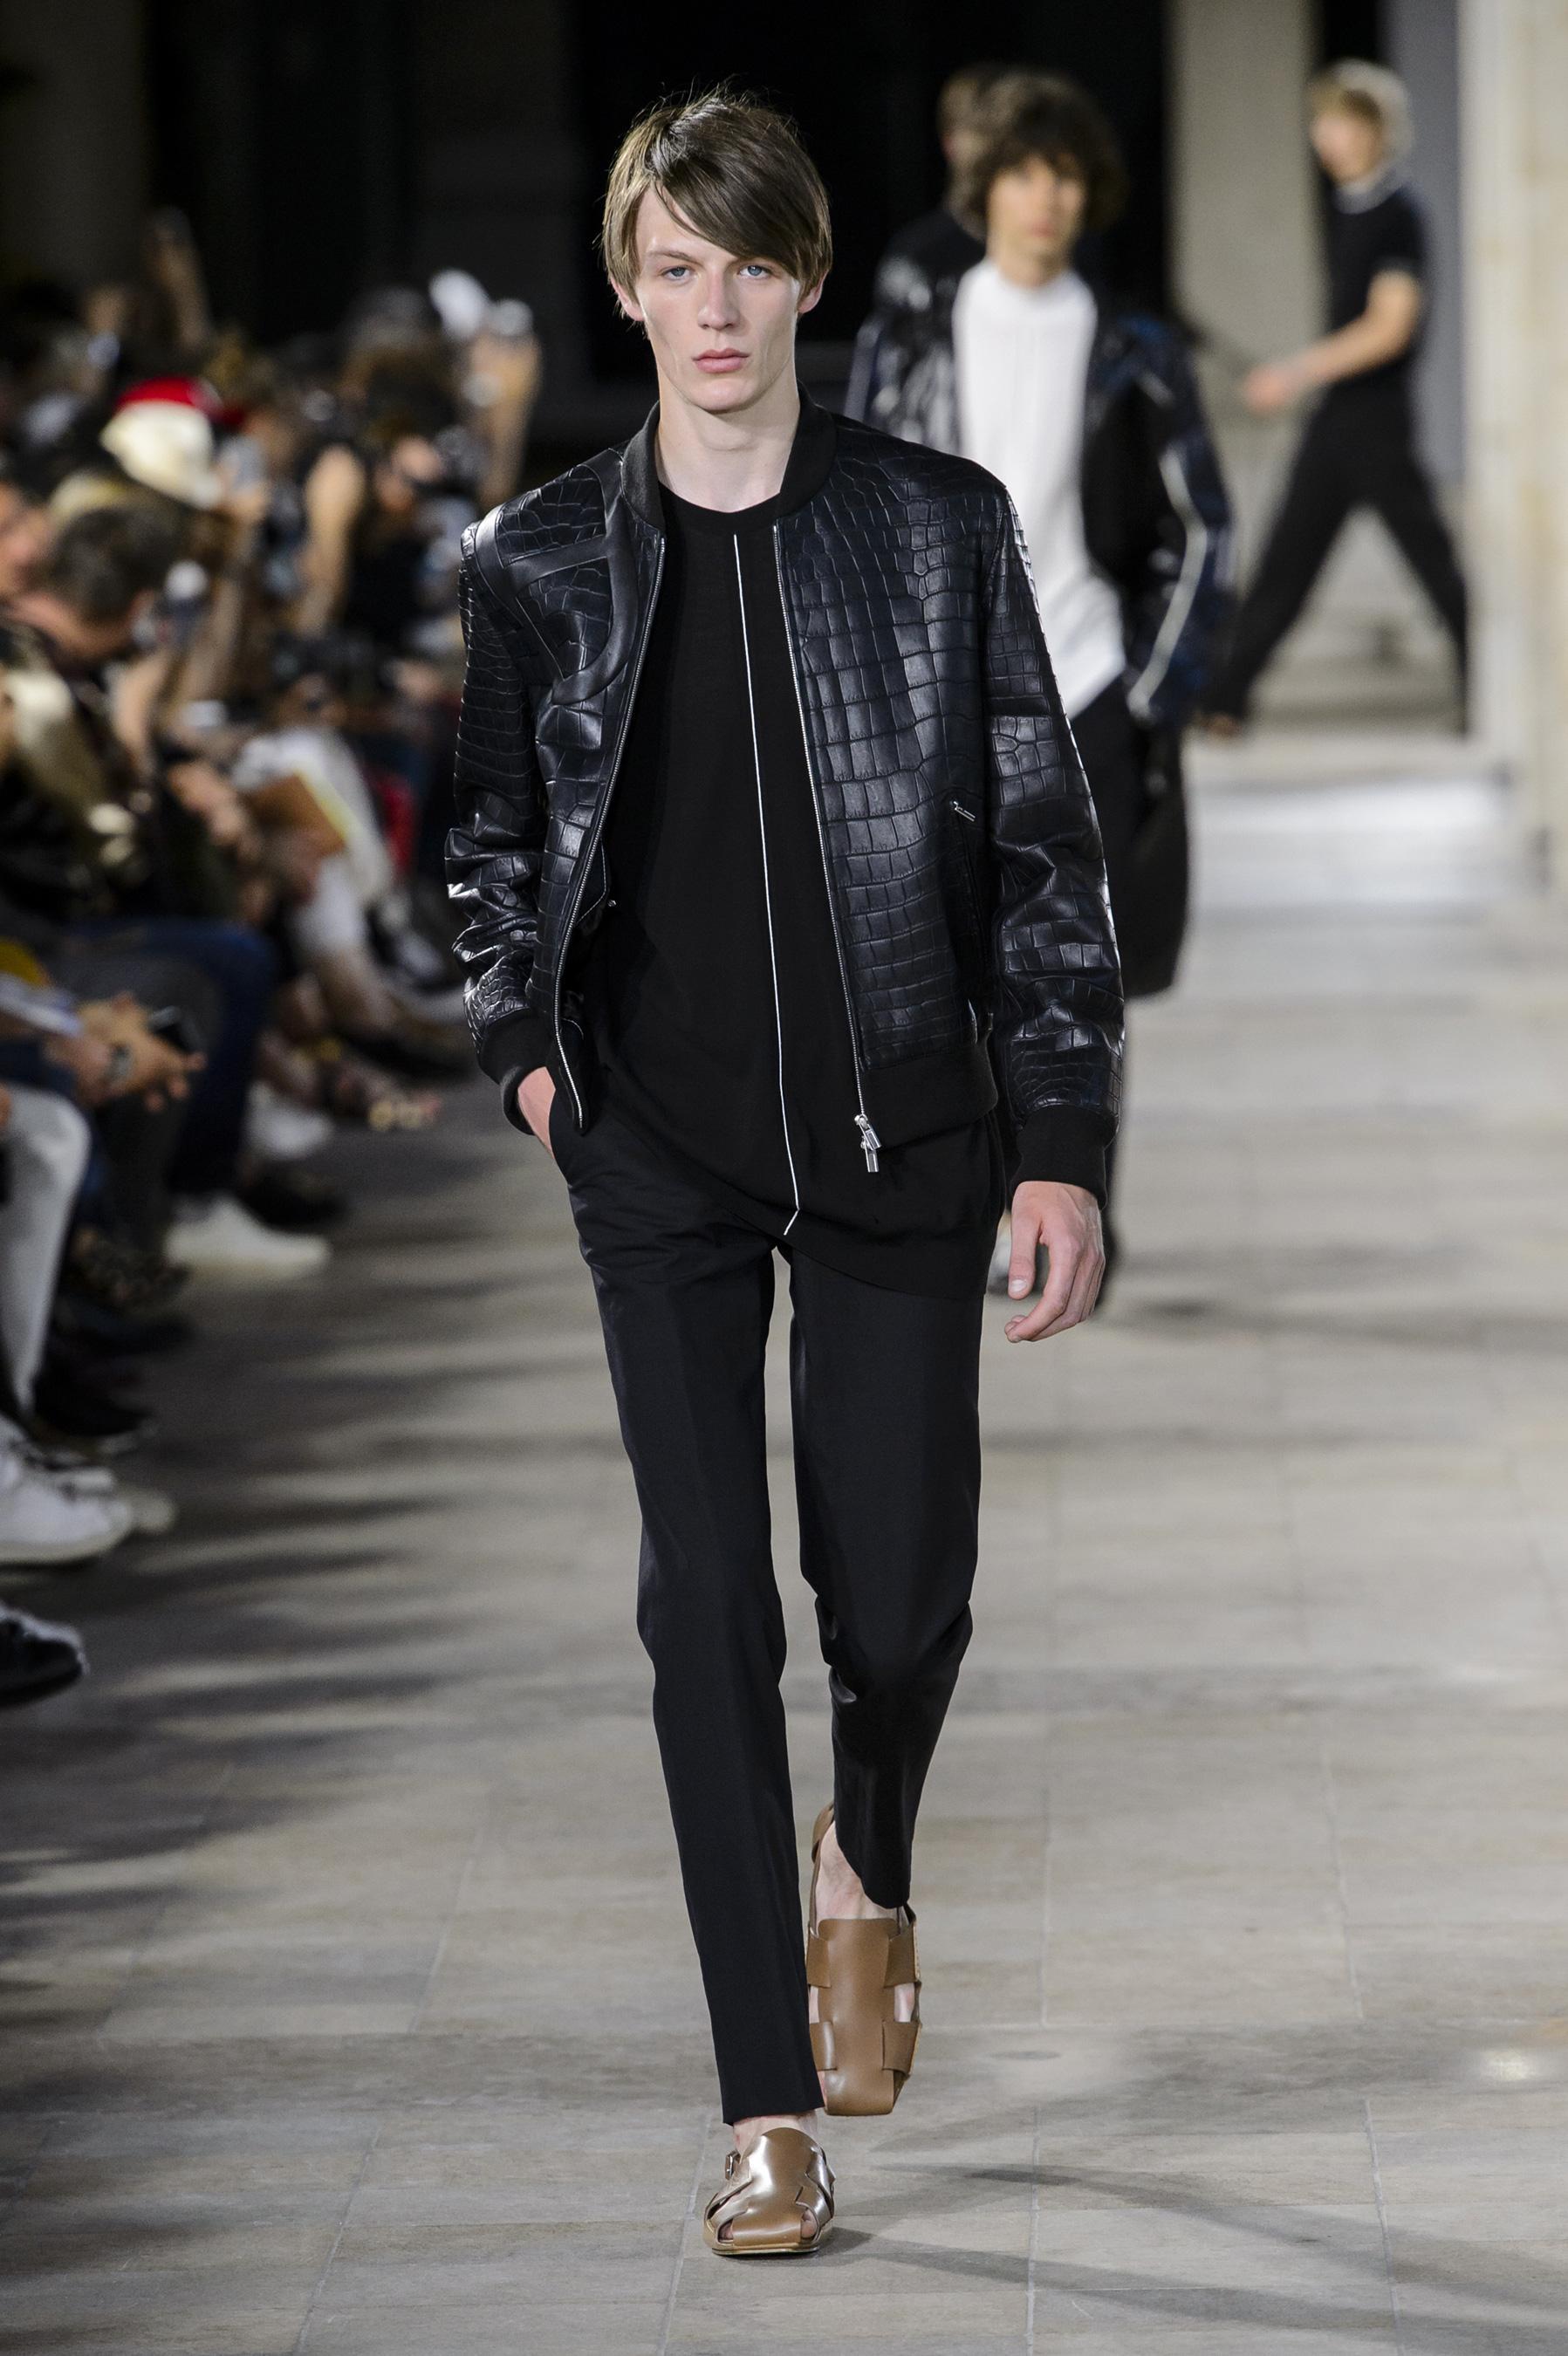 Défilé Hermès printemps-été 2018, Paris - Look 40. Défilé Hermès Homme  Printemps-été 2018 Paris - photo 40 Imaxtree da8312e83dd